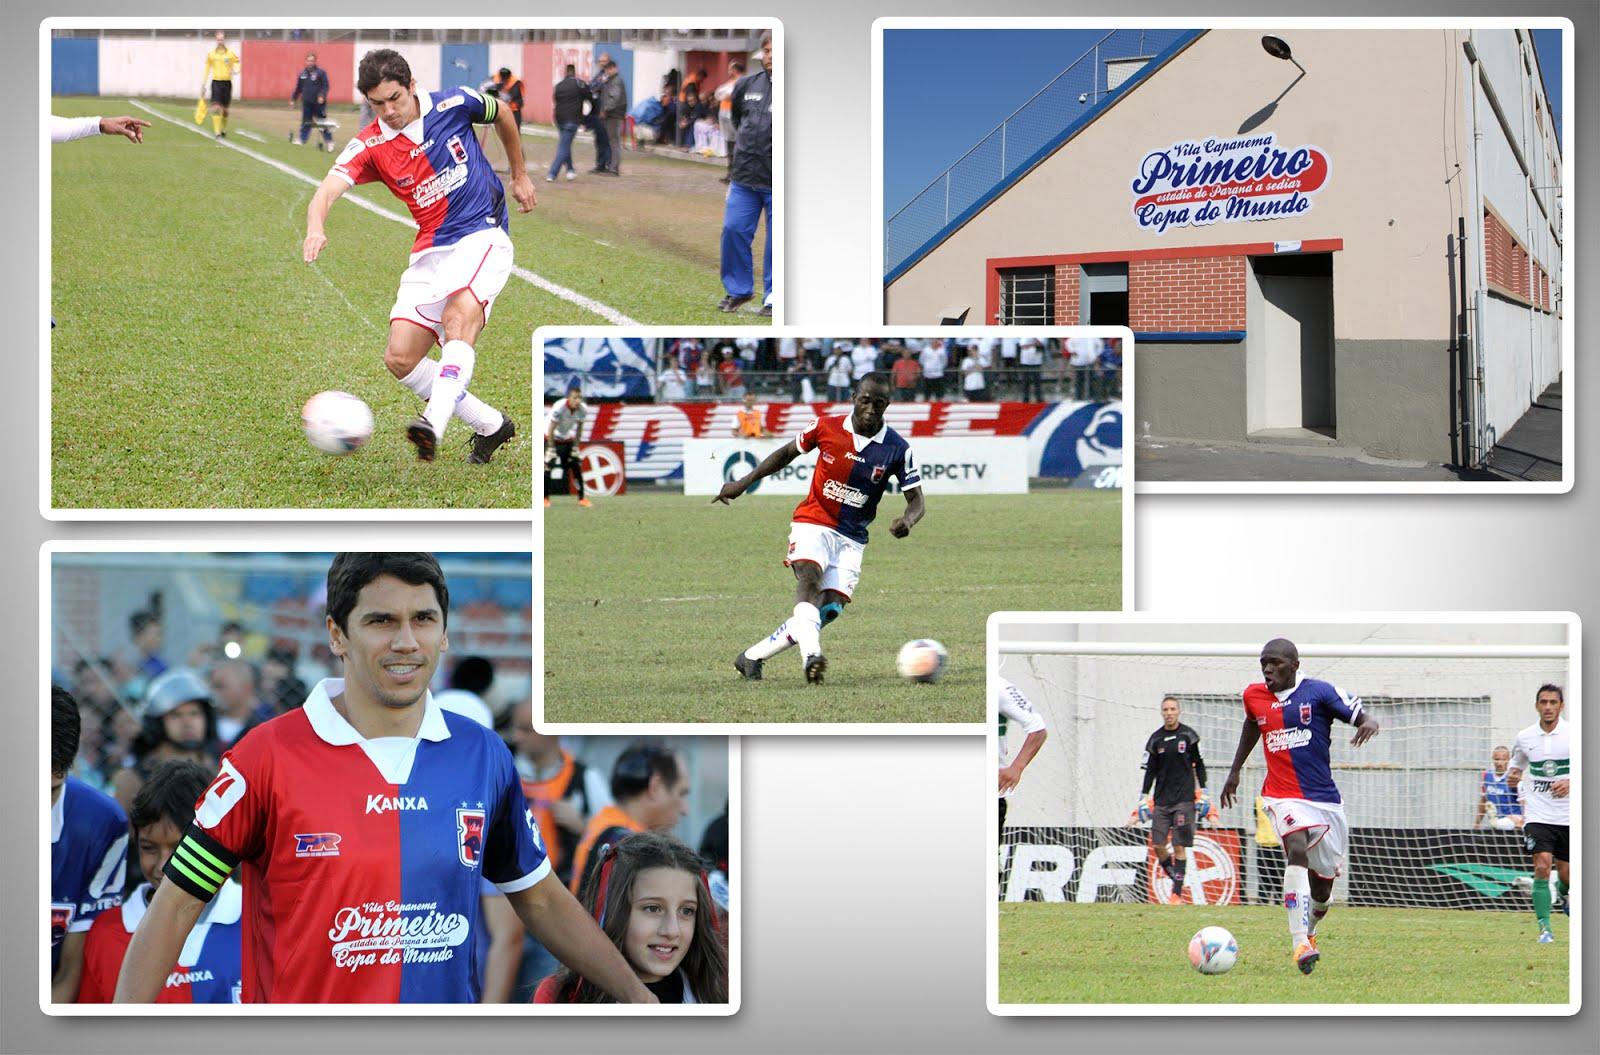 Camisas Paraná Clube com a marca Primeiro estádio a sediar Copa do Mundo